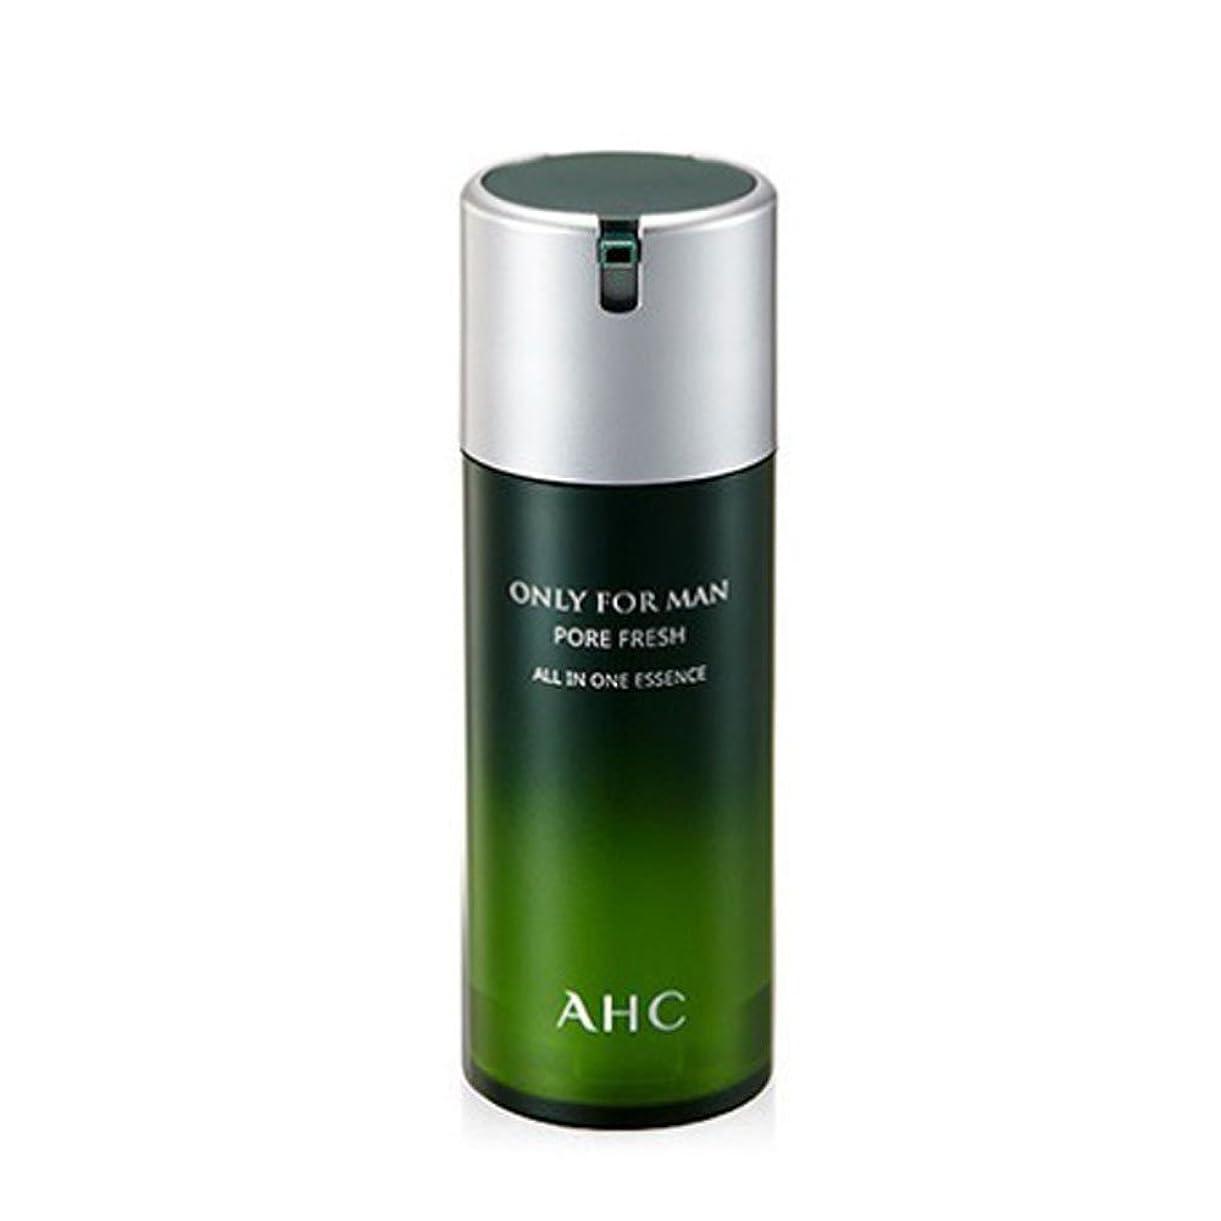 不利郵便屋さんマルコポーロAHCオンリーフォーマンフォア?フレッシュオールインワンエッセンス120mlの男性用化粧品、AHC Only For Man Pore Fresh All In One Essence 120ml [並行輸入品]